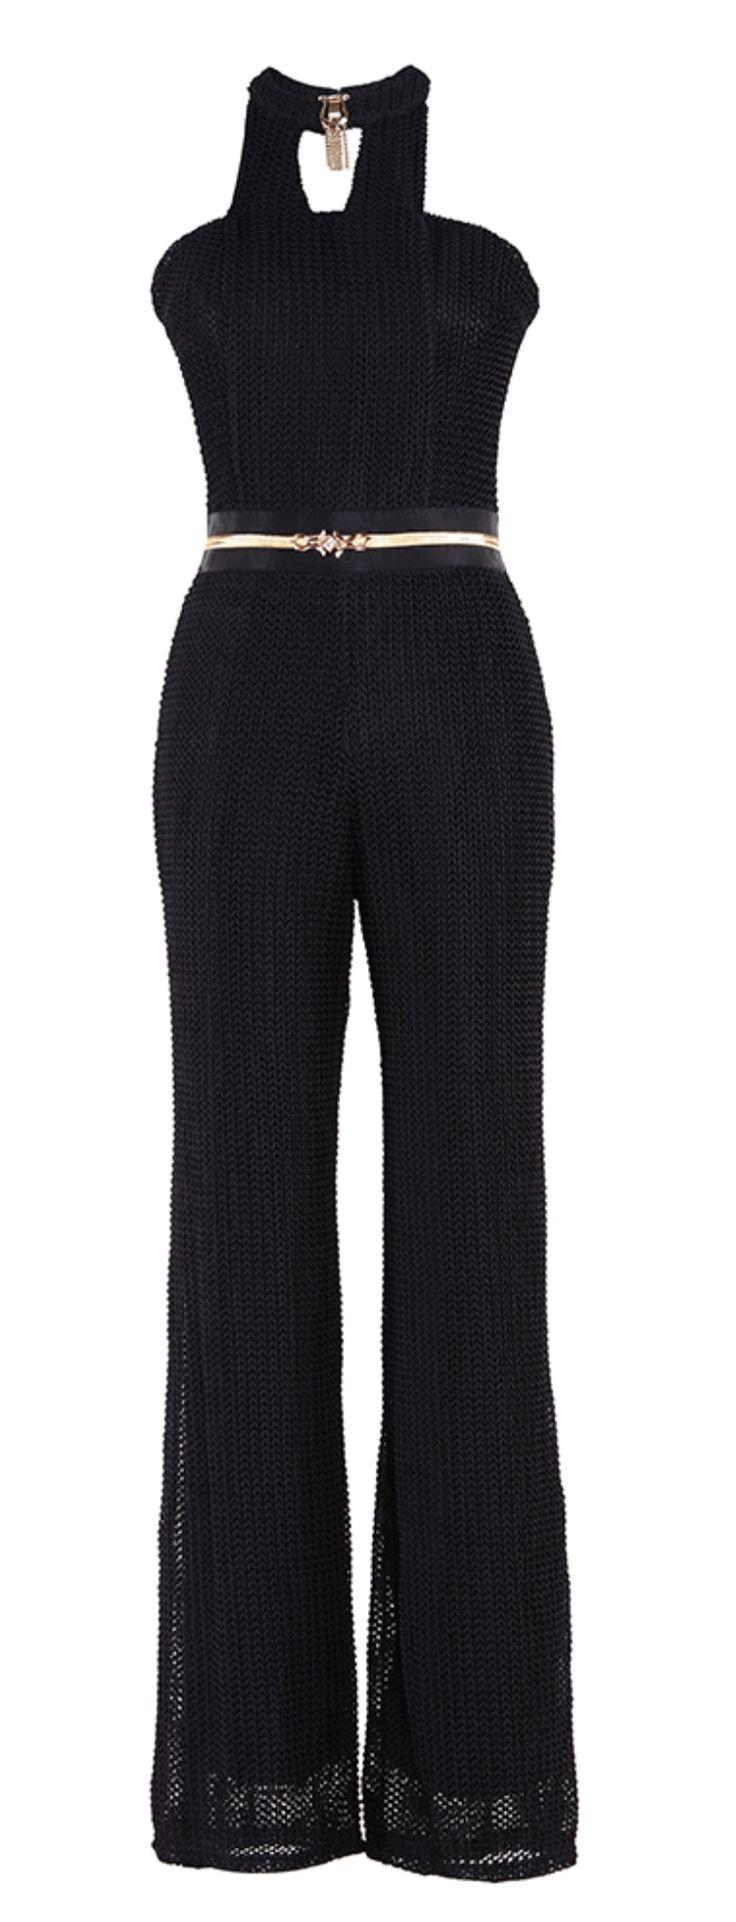 'Artesia' Mesh Jumpsuit - Black